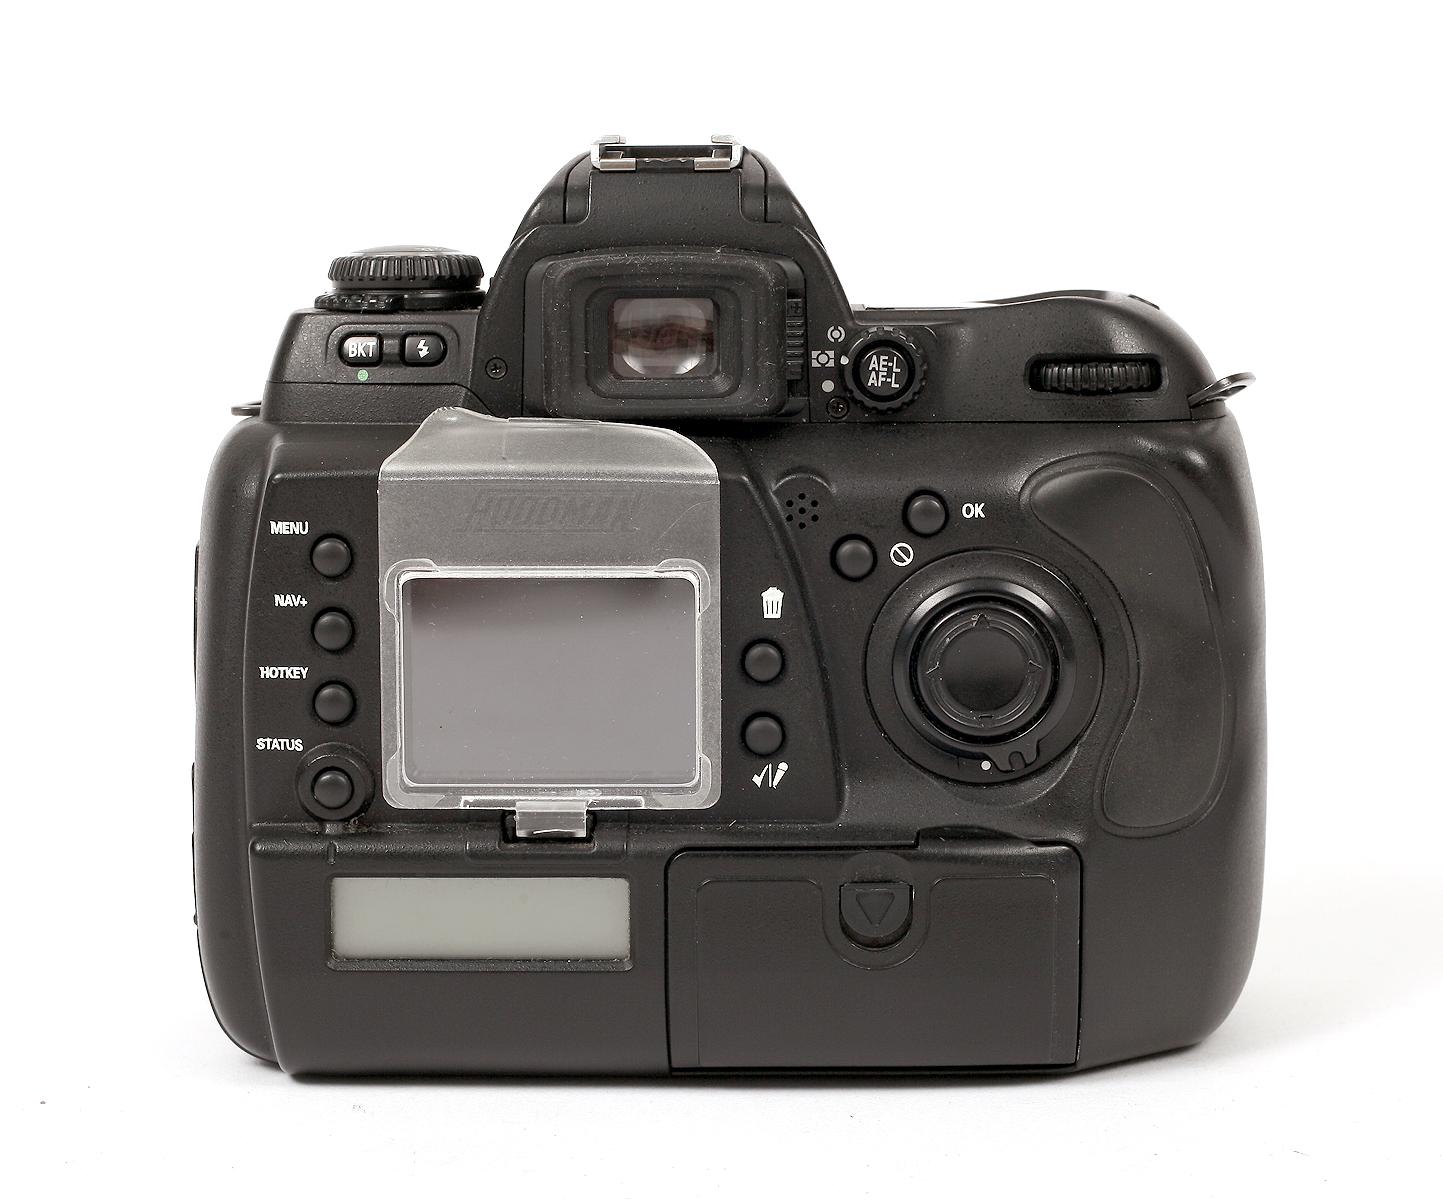 Lot 18 - Kodak DCS Pro14n Full-Frame DSLR.